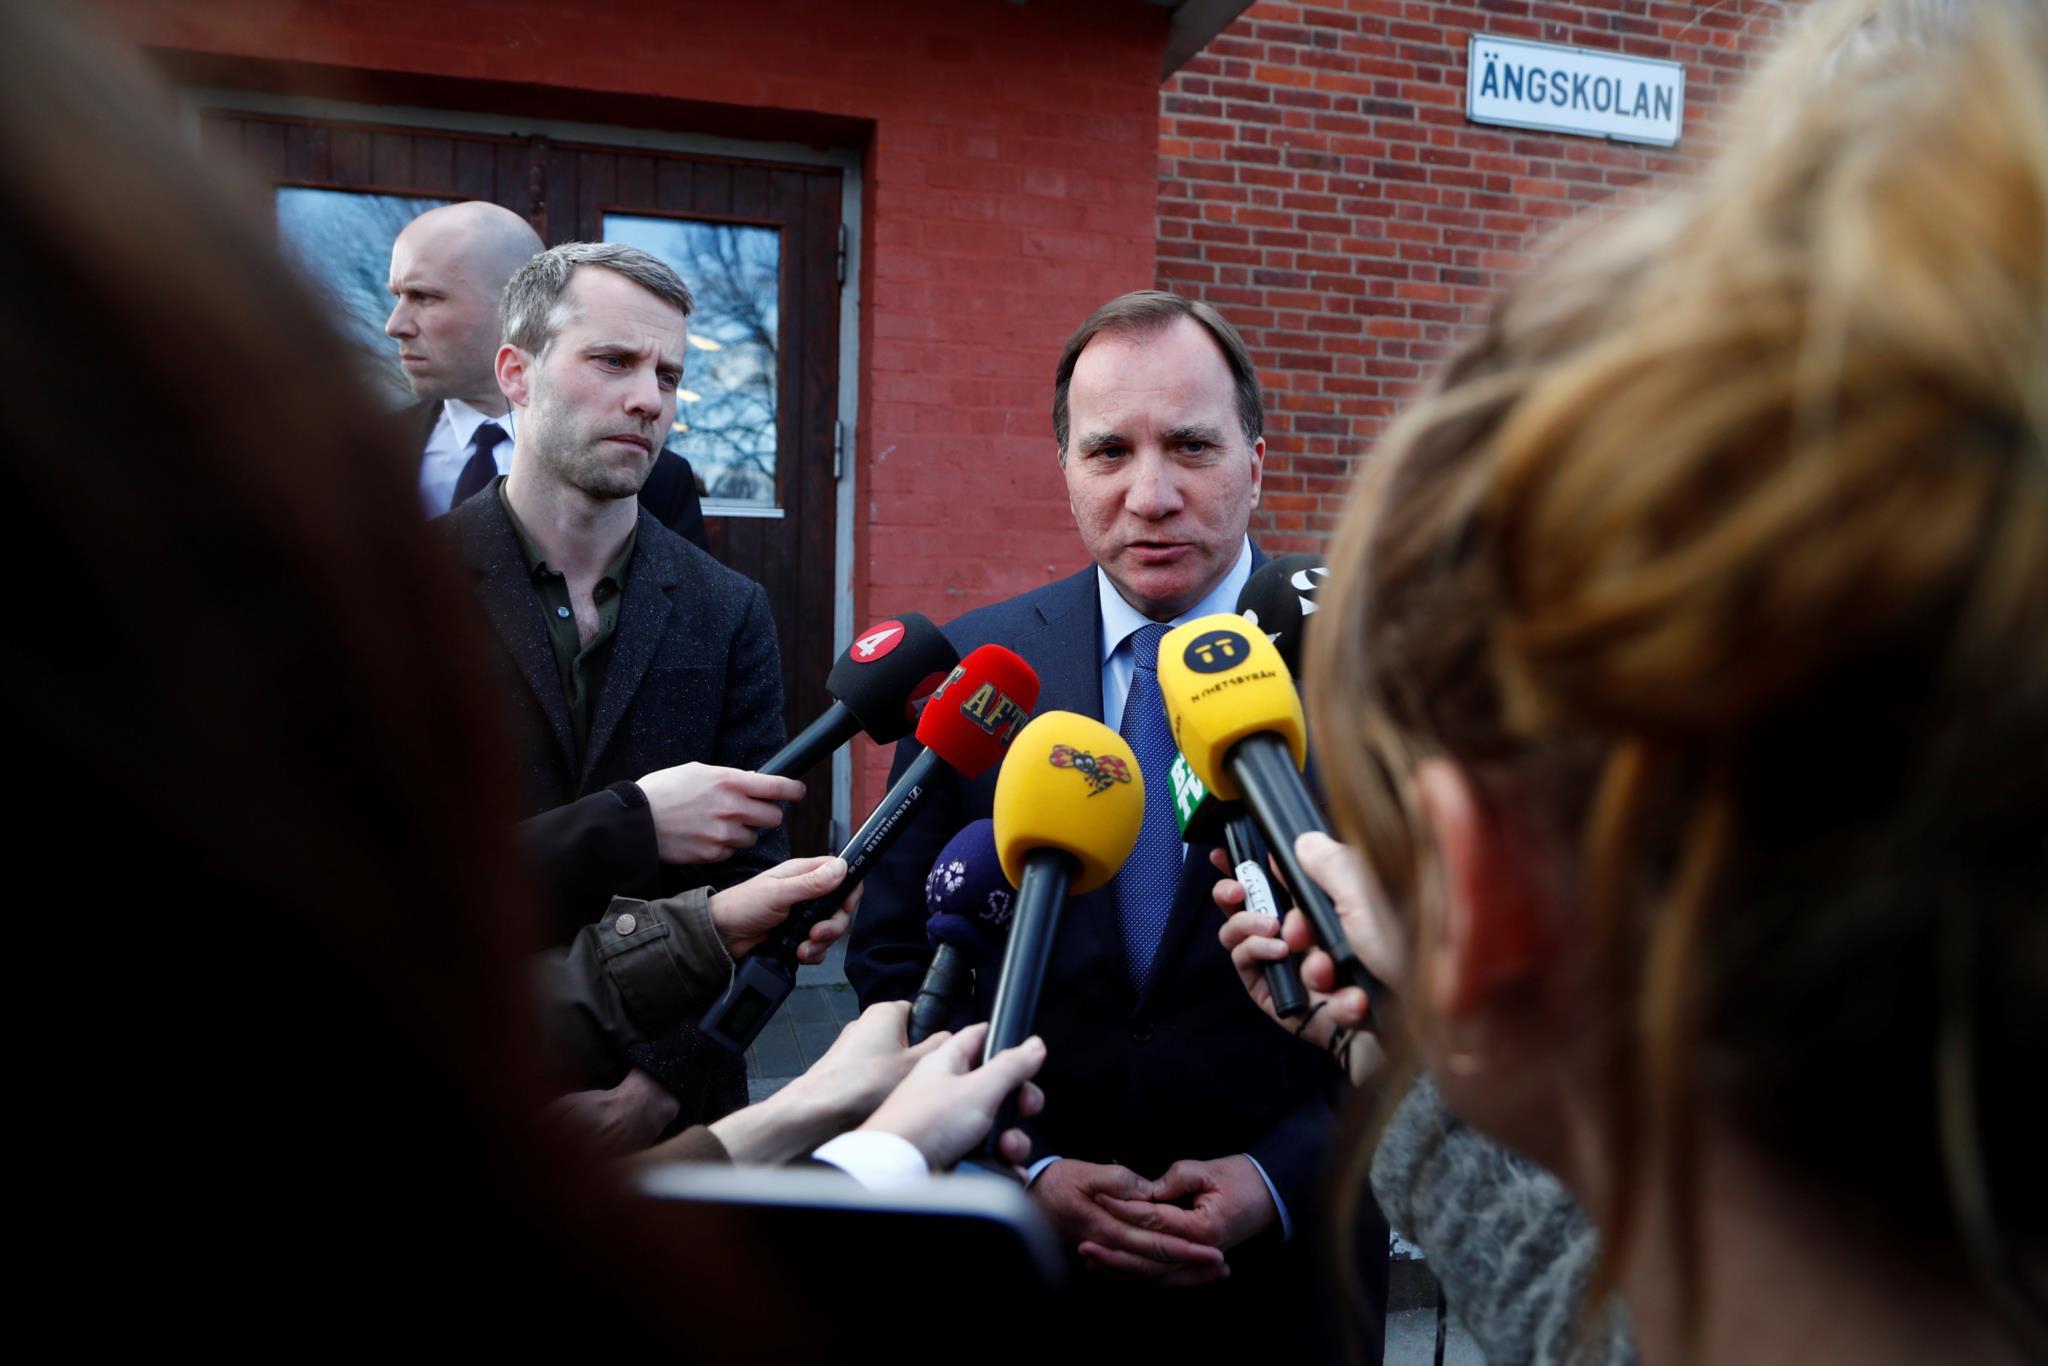 O primeiro-ministro sueco Stefan Lofven faz uma declaração após o ataque